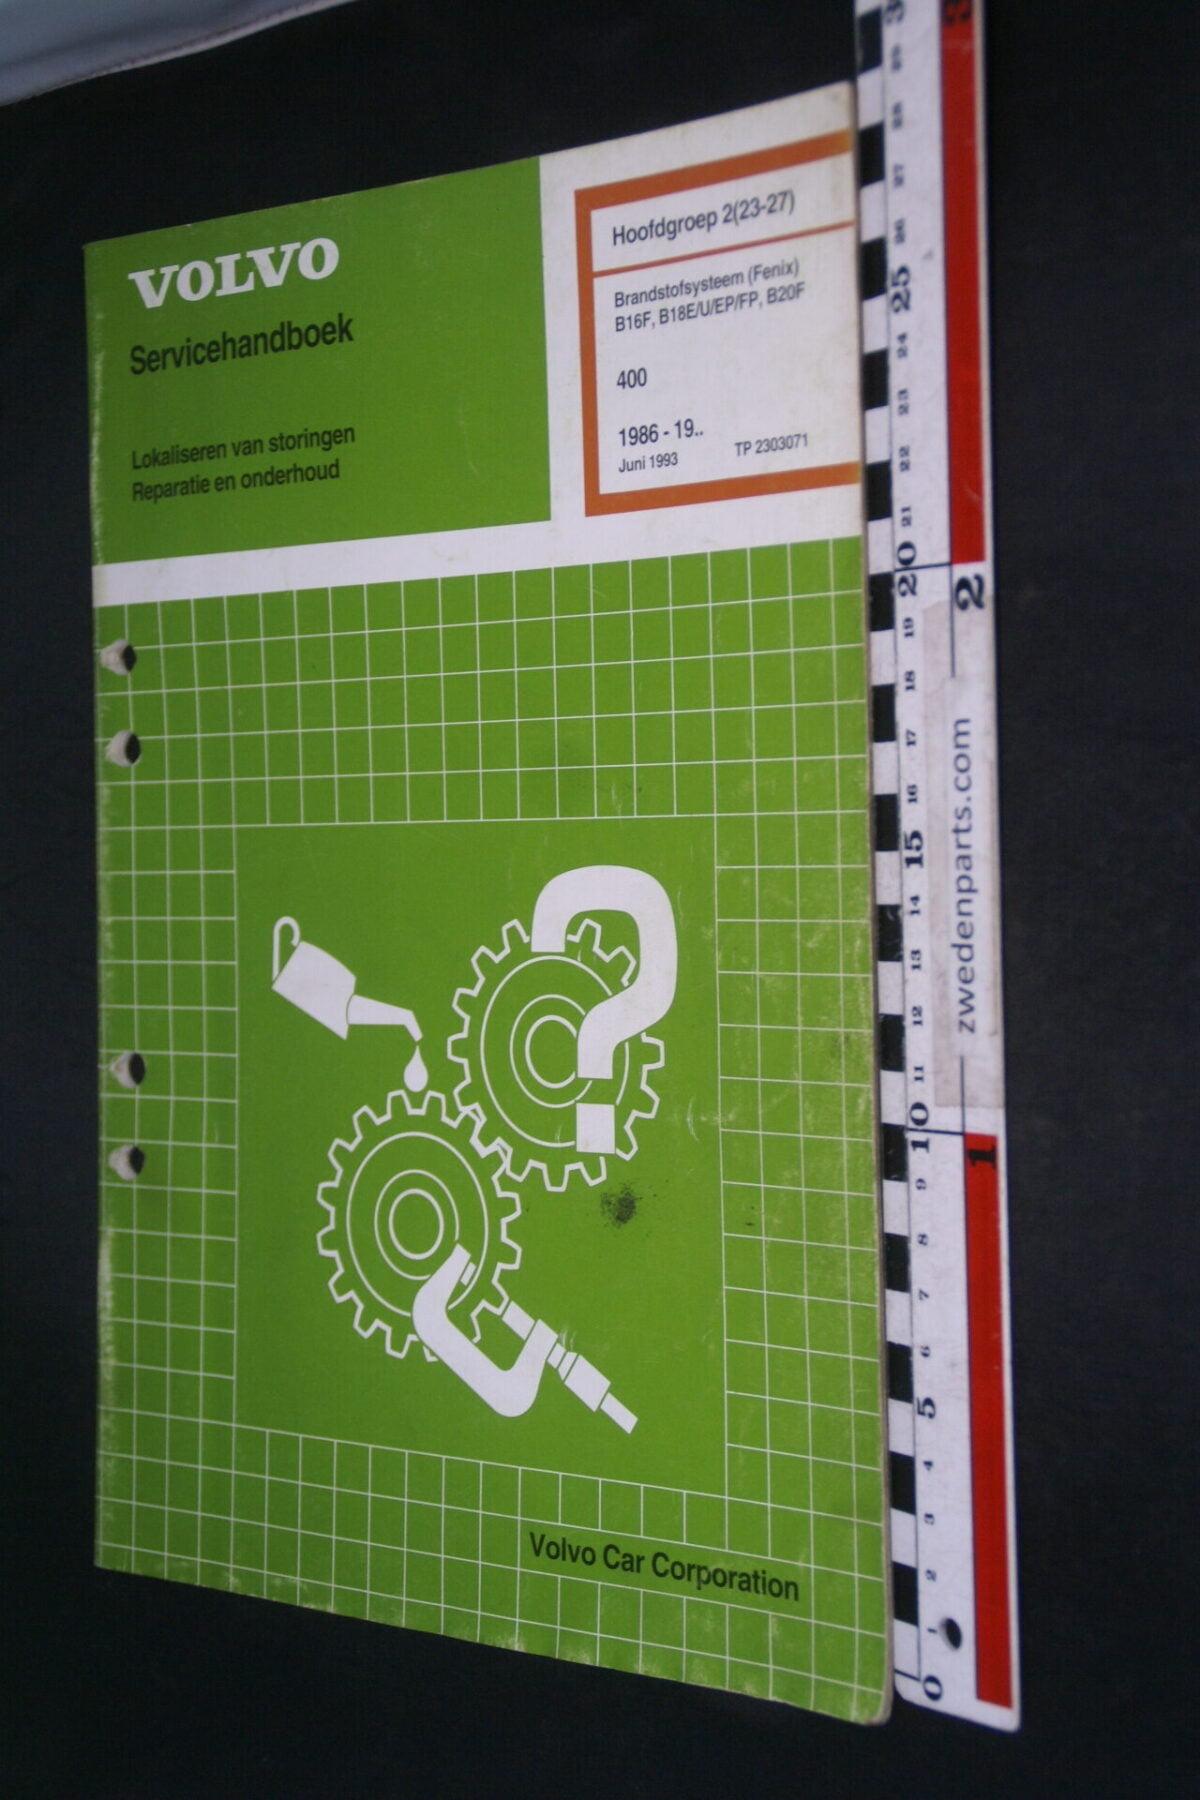 DSC09058 1993 origineel  Volvo 480 servicehandboek brandstofsysteem 2 (23-27) 1 van 1.000 nr TP 2303071